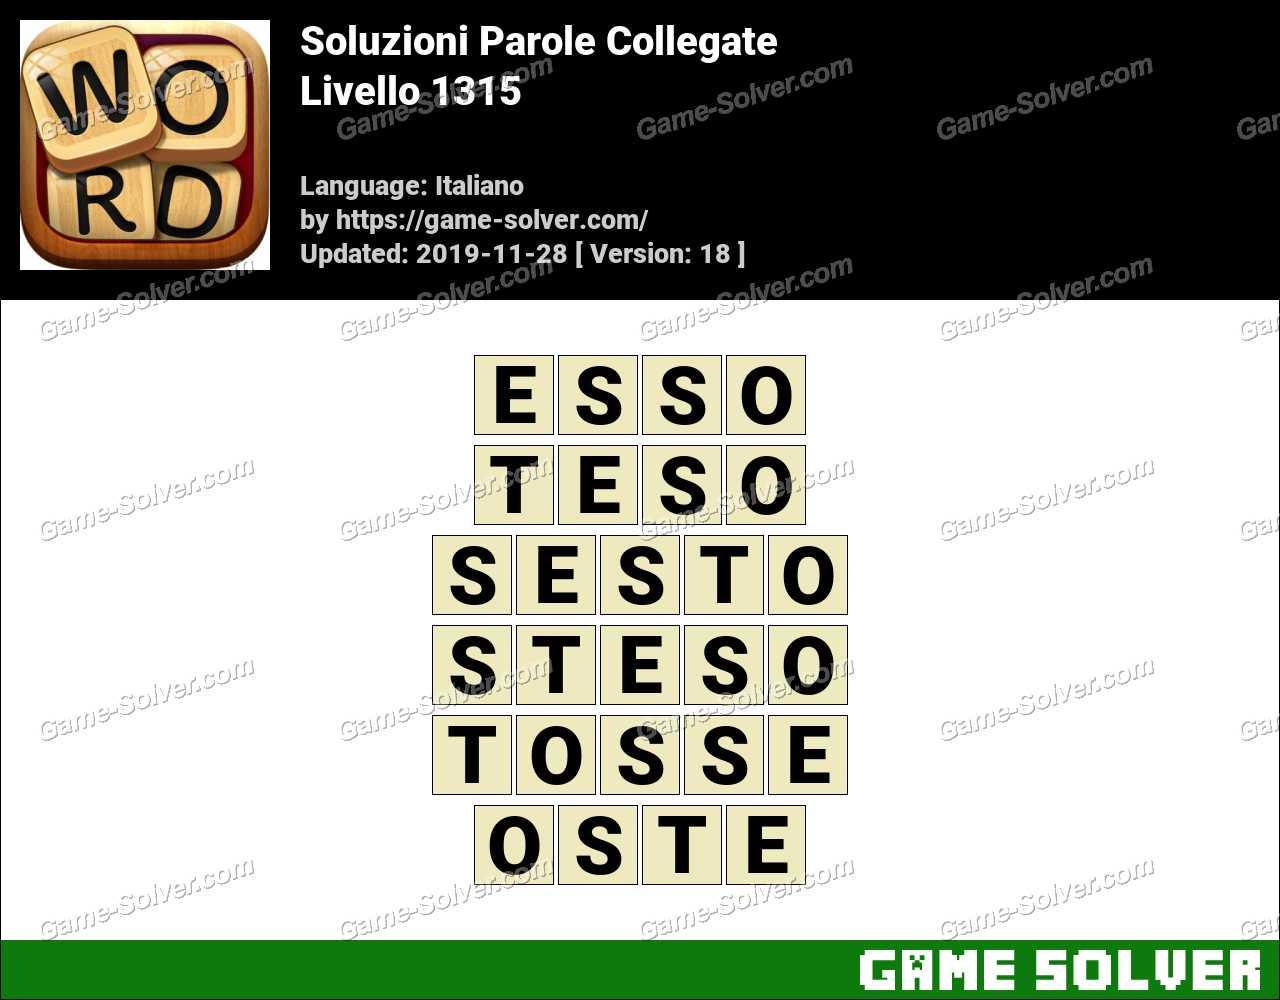 Soluzioni Parole Collegate Livello 1315